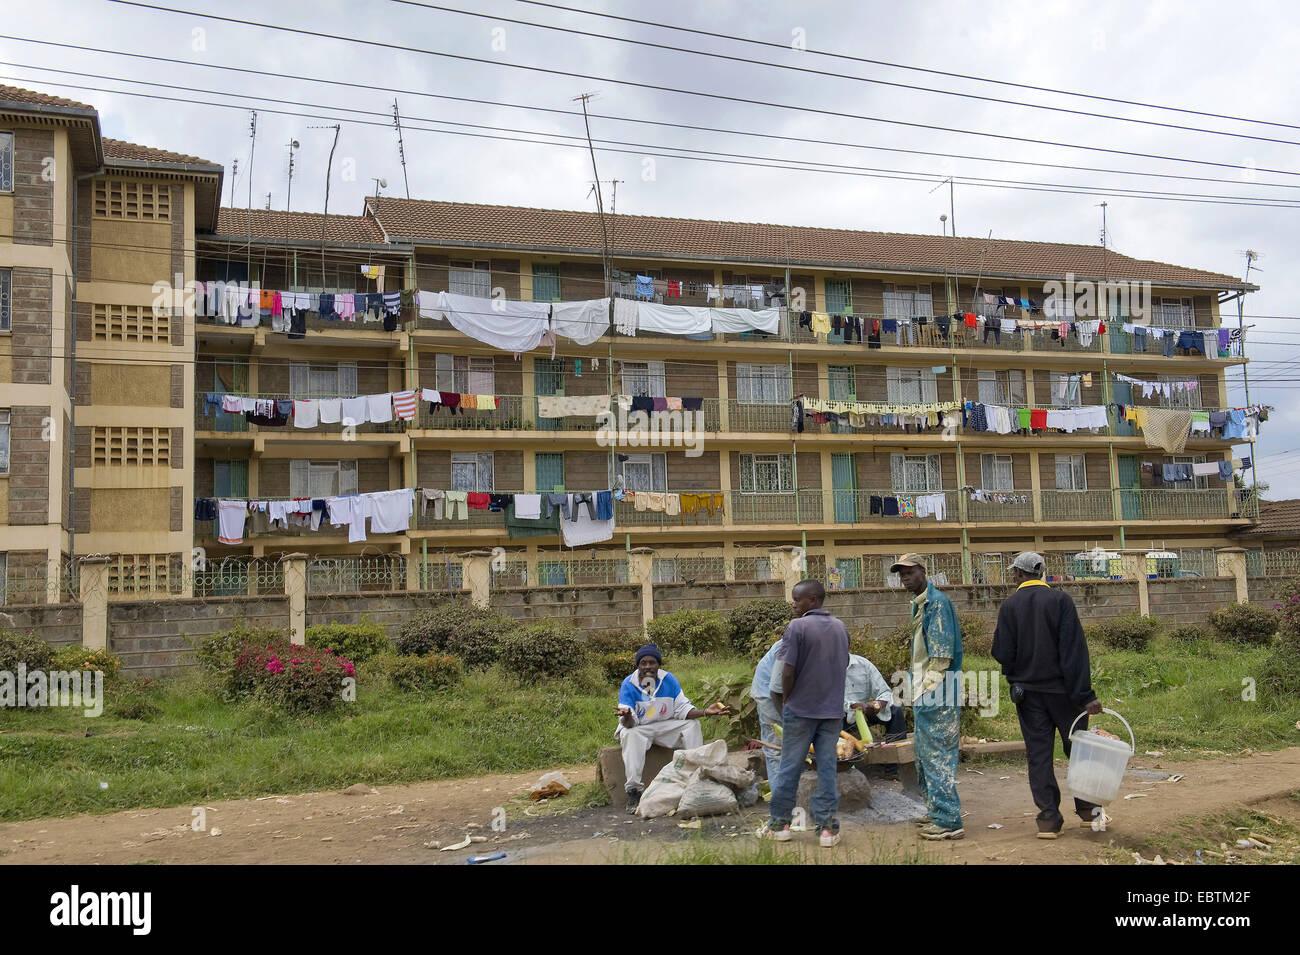 Gruppe von dunkelhäutigen jungen Männern vor Mehrfamilienhaus, Kenia, Nairobi Stockbild